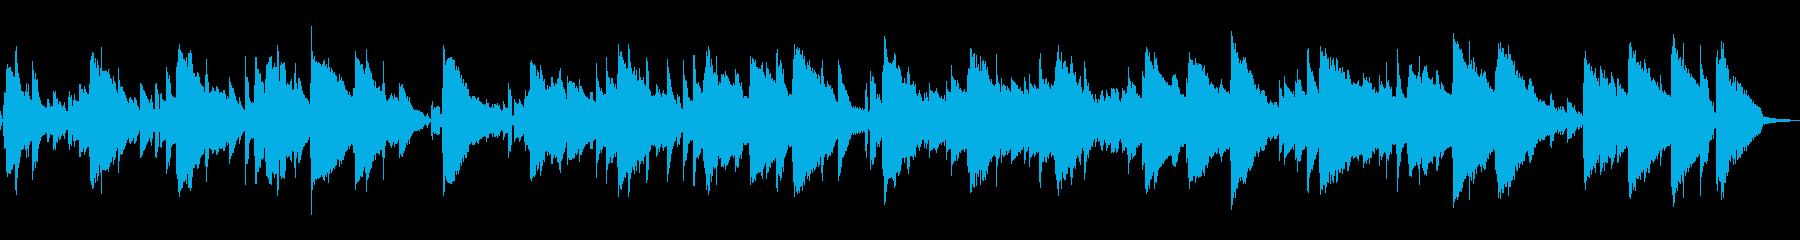 心を癒す、生演奏のボサノバ曲の再生済みの波形